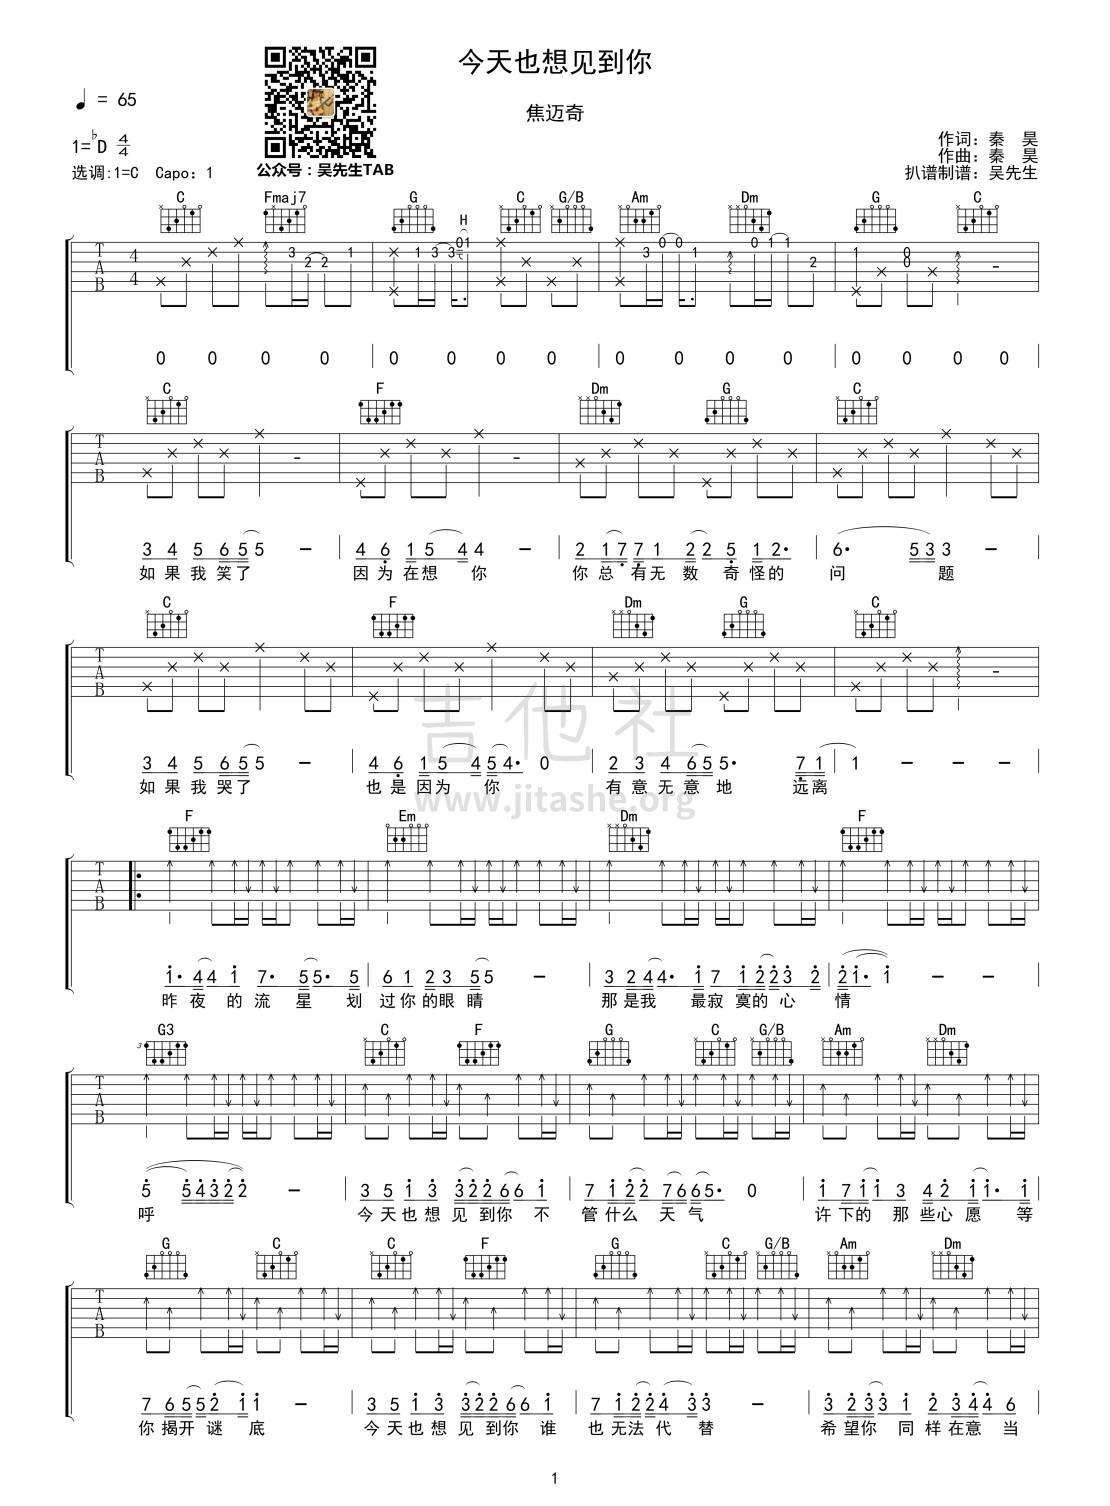 今天也想见到你吉他谱(图片谱,弹唱)_焦迈奇_今天也想见到你01.jpg